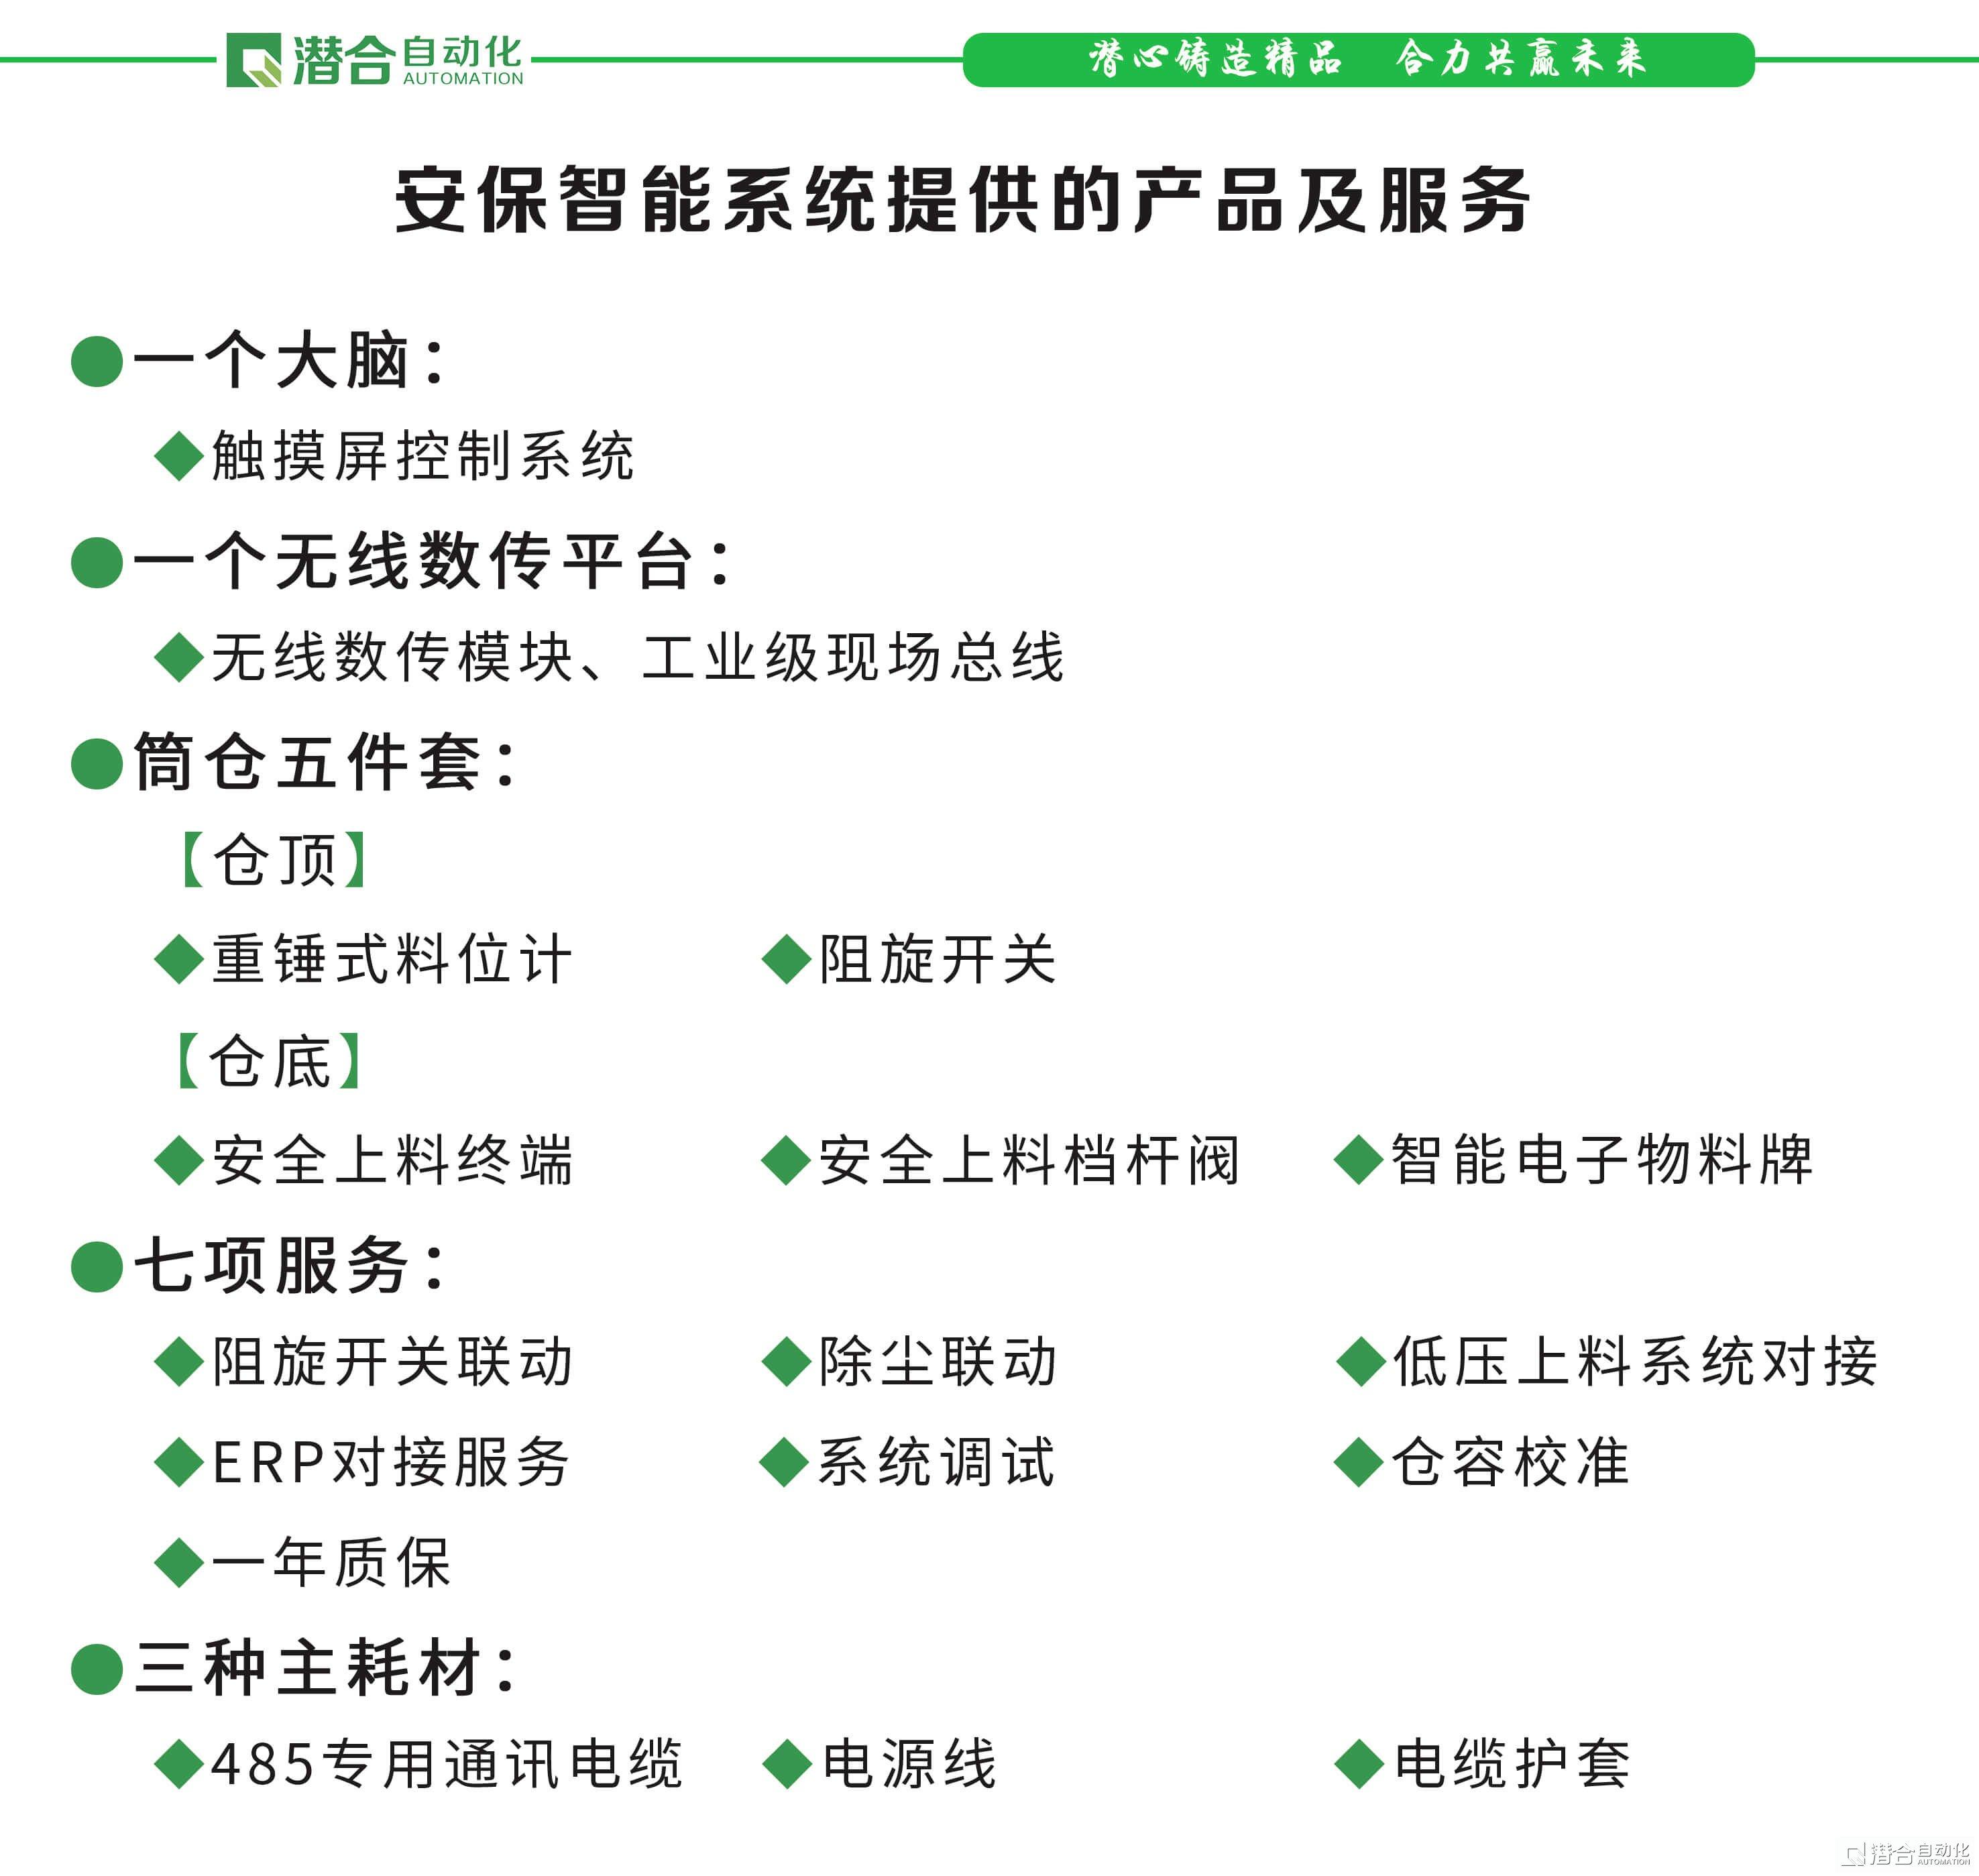 安保智能管控系统配置表